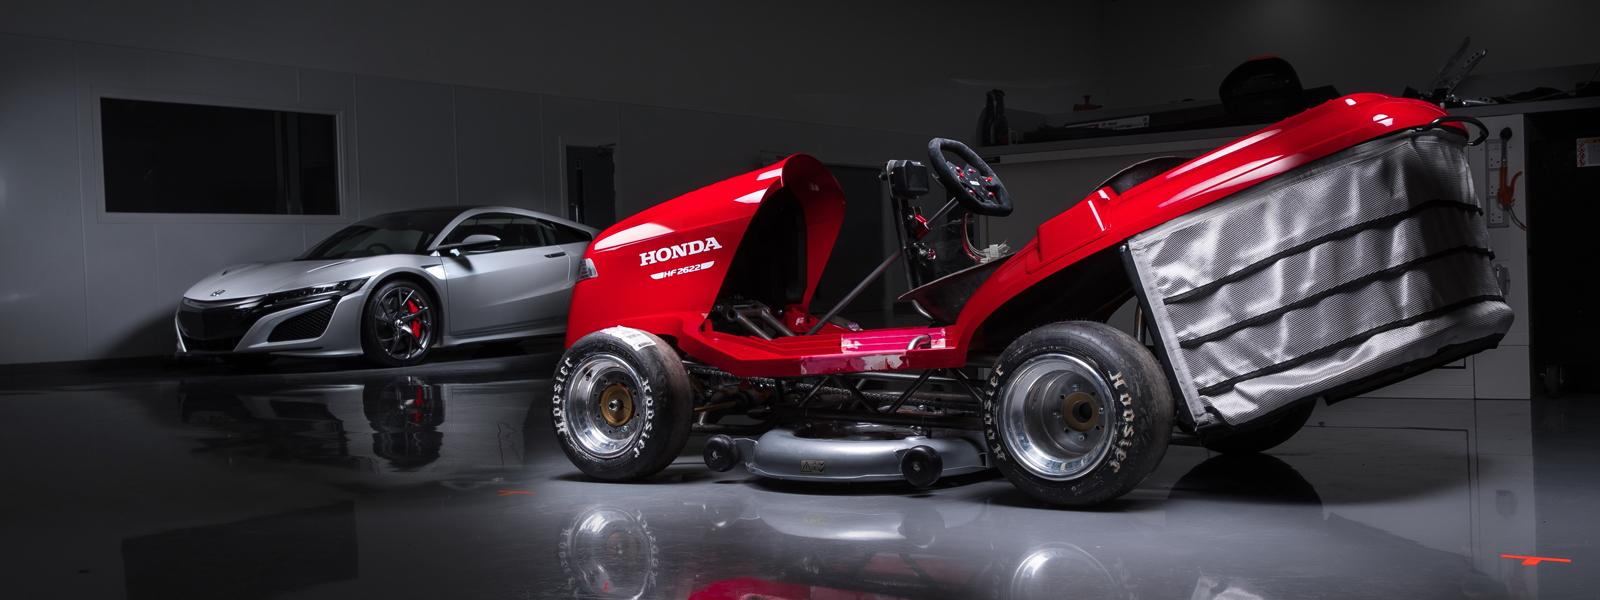 1600x600 Mean Mower Shot 1 2.jpg.1600x0 Q100ss1 Crop